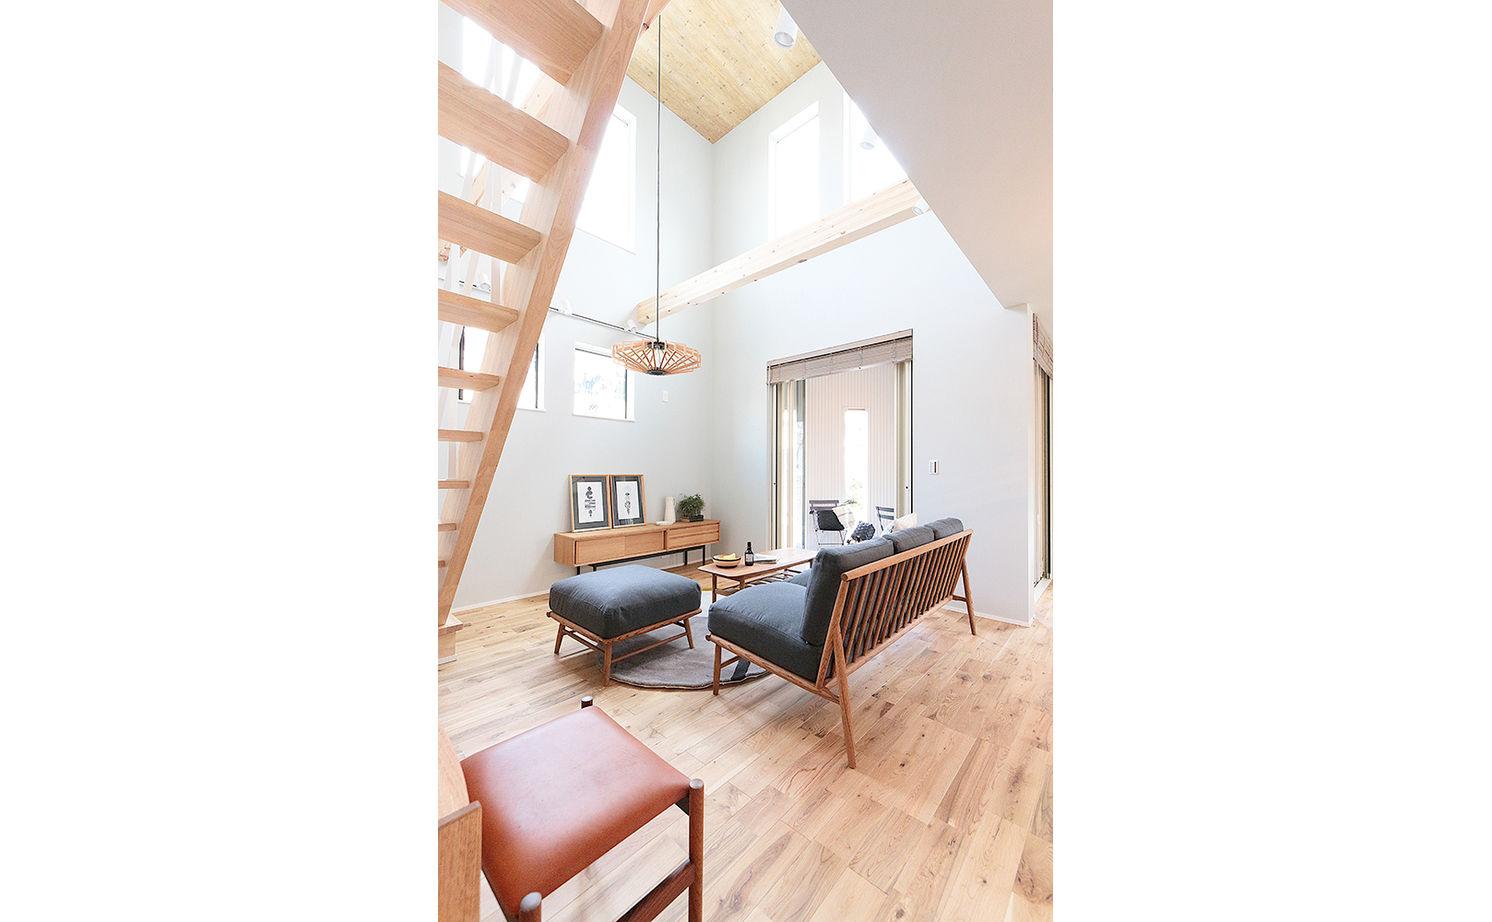 【延床31.4坪・2968万円】狭小地で設計の工夫が光る。北欧スタイルで統一された心地よいZEH仕様住宅画像2